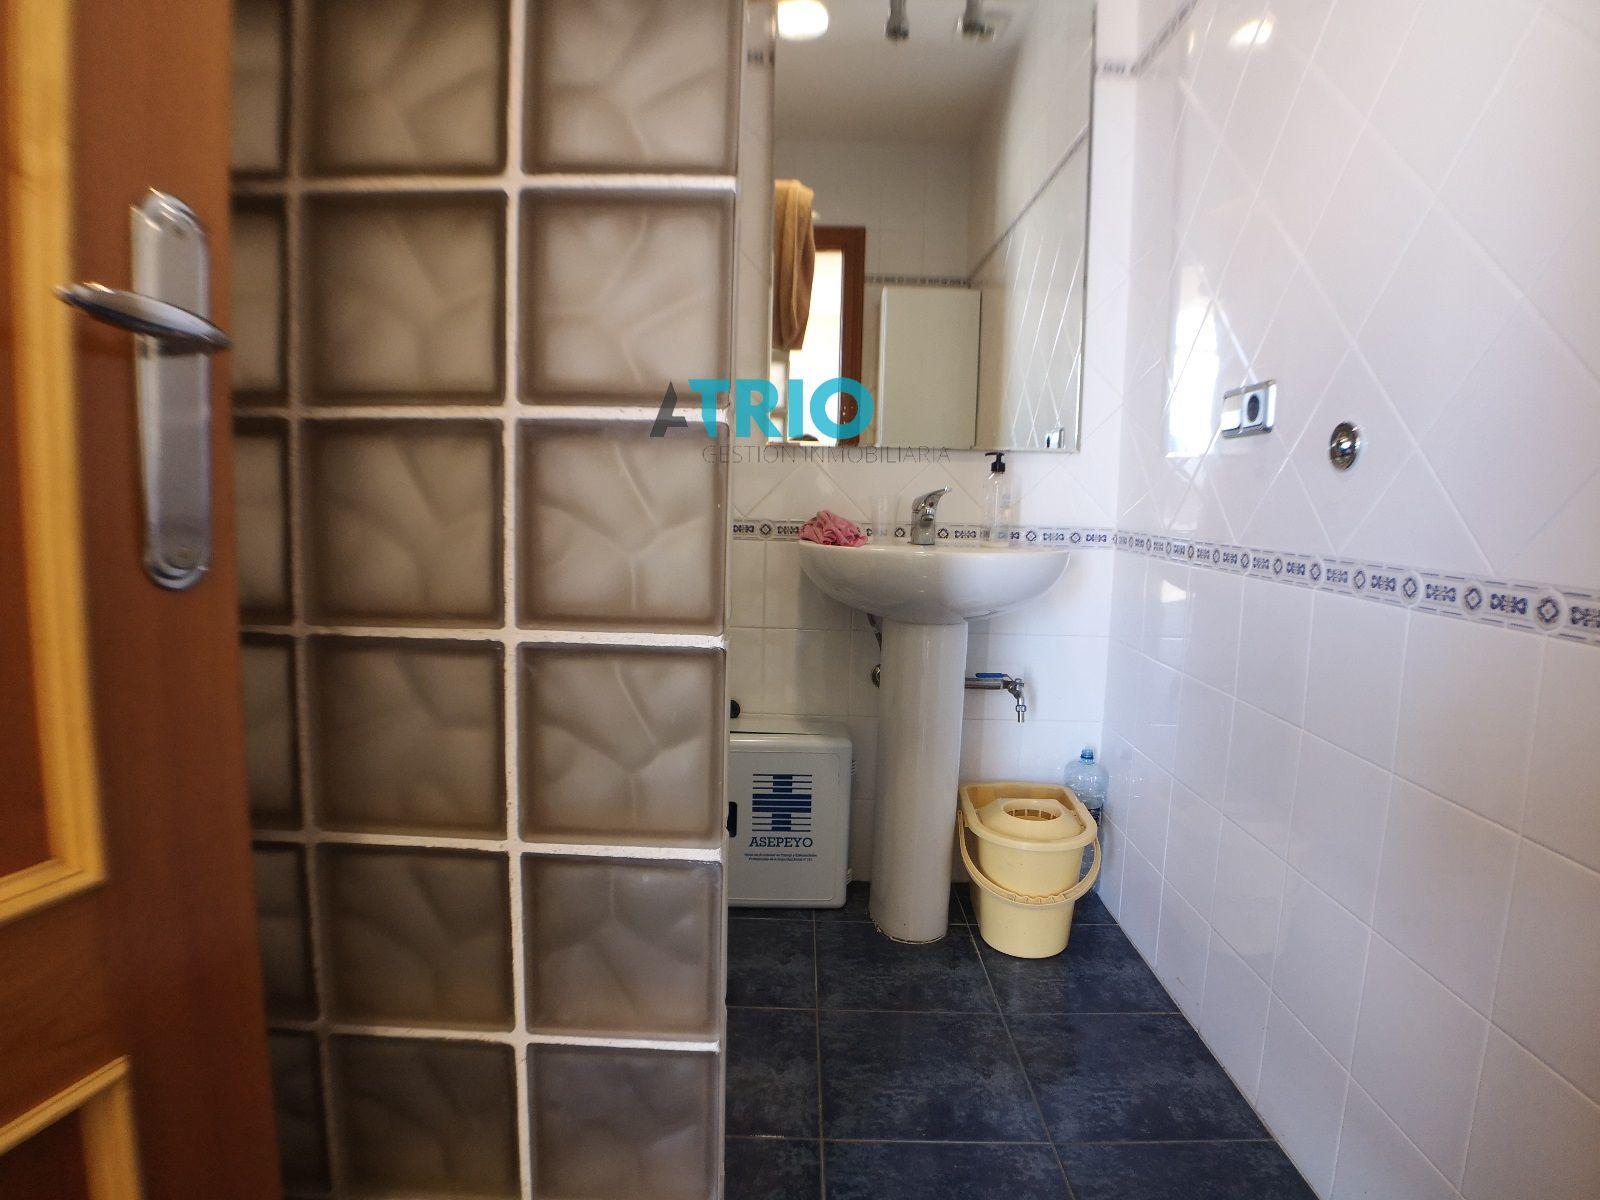 dia.mobiliagestion.es/Portals/inmoatrio/Images/6863/5048598